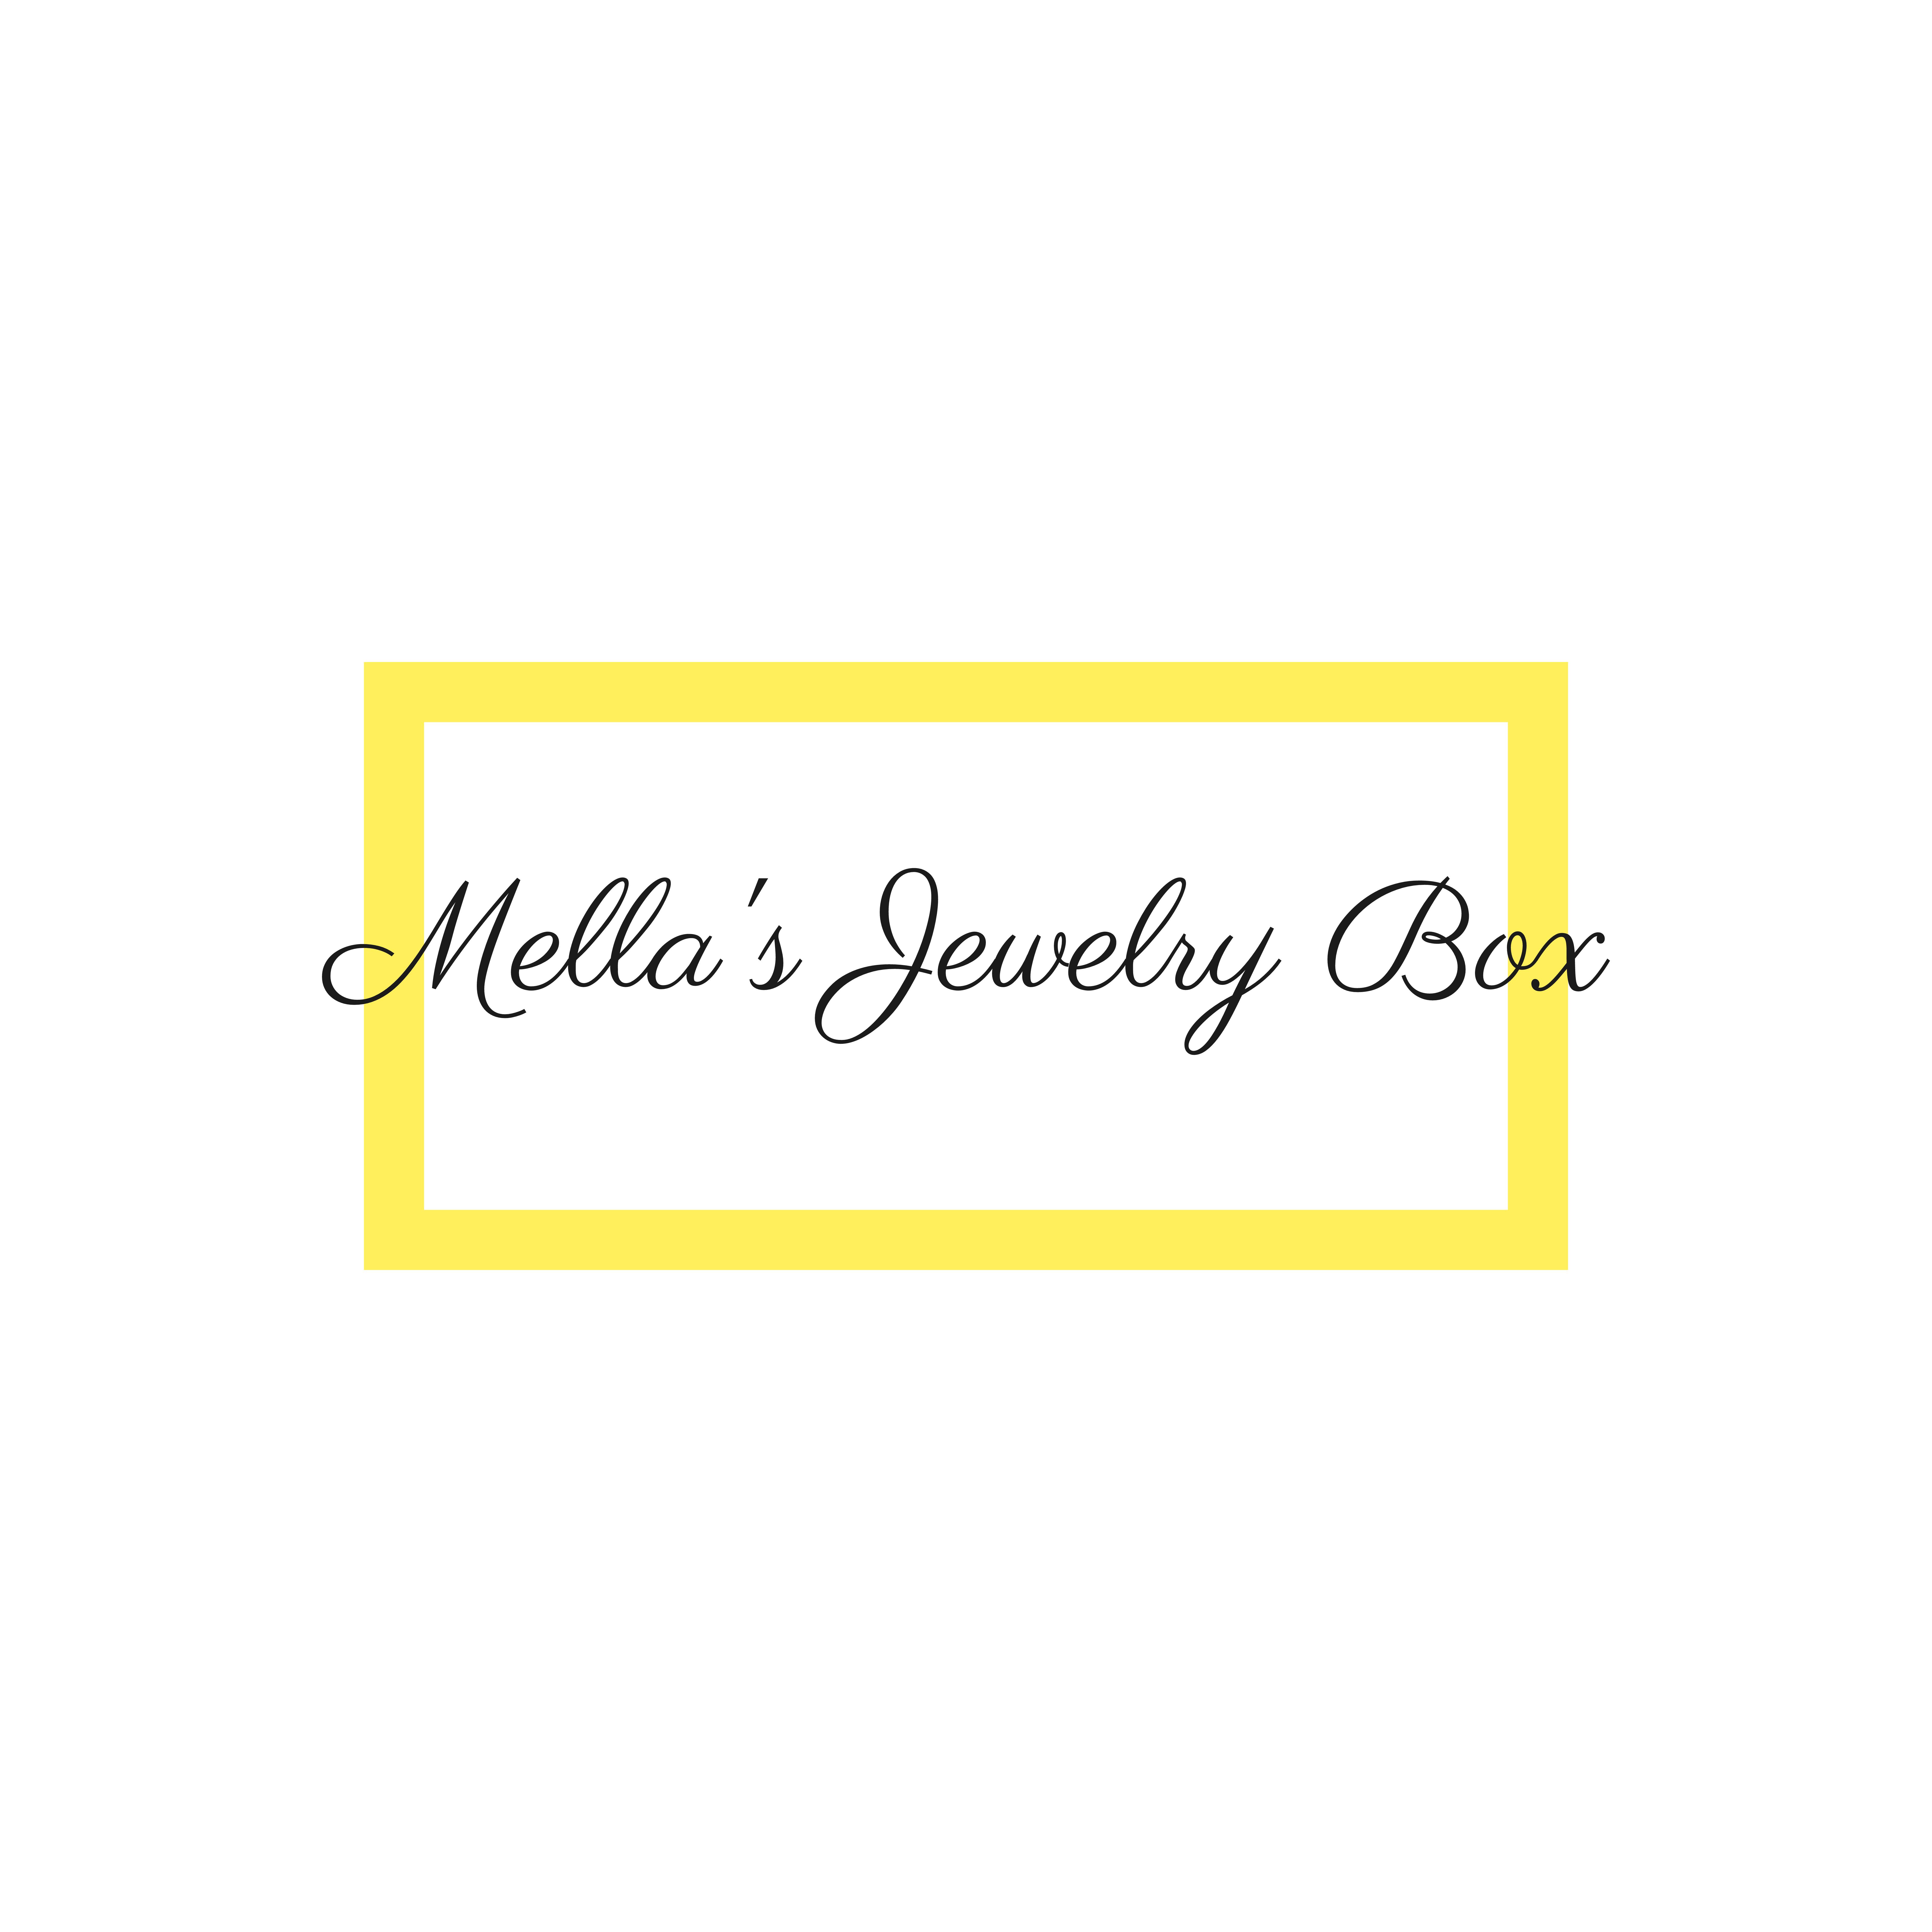 Mella's Jewelry Box